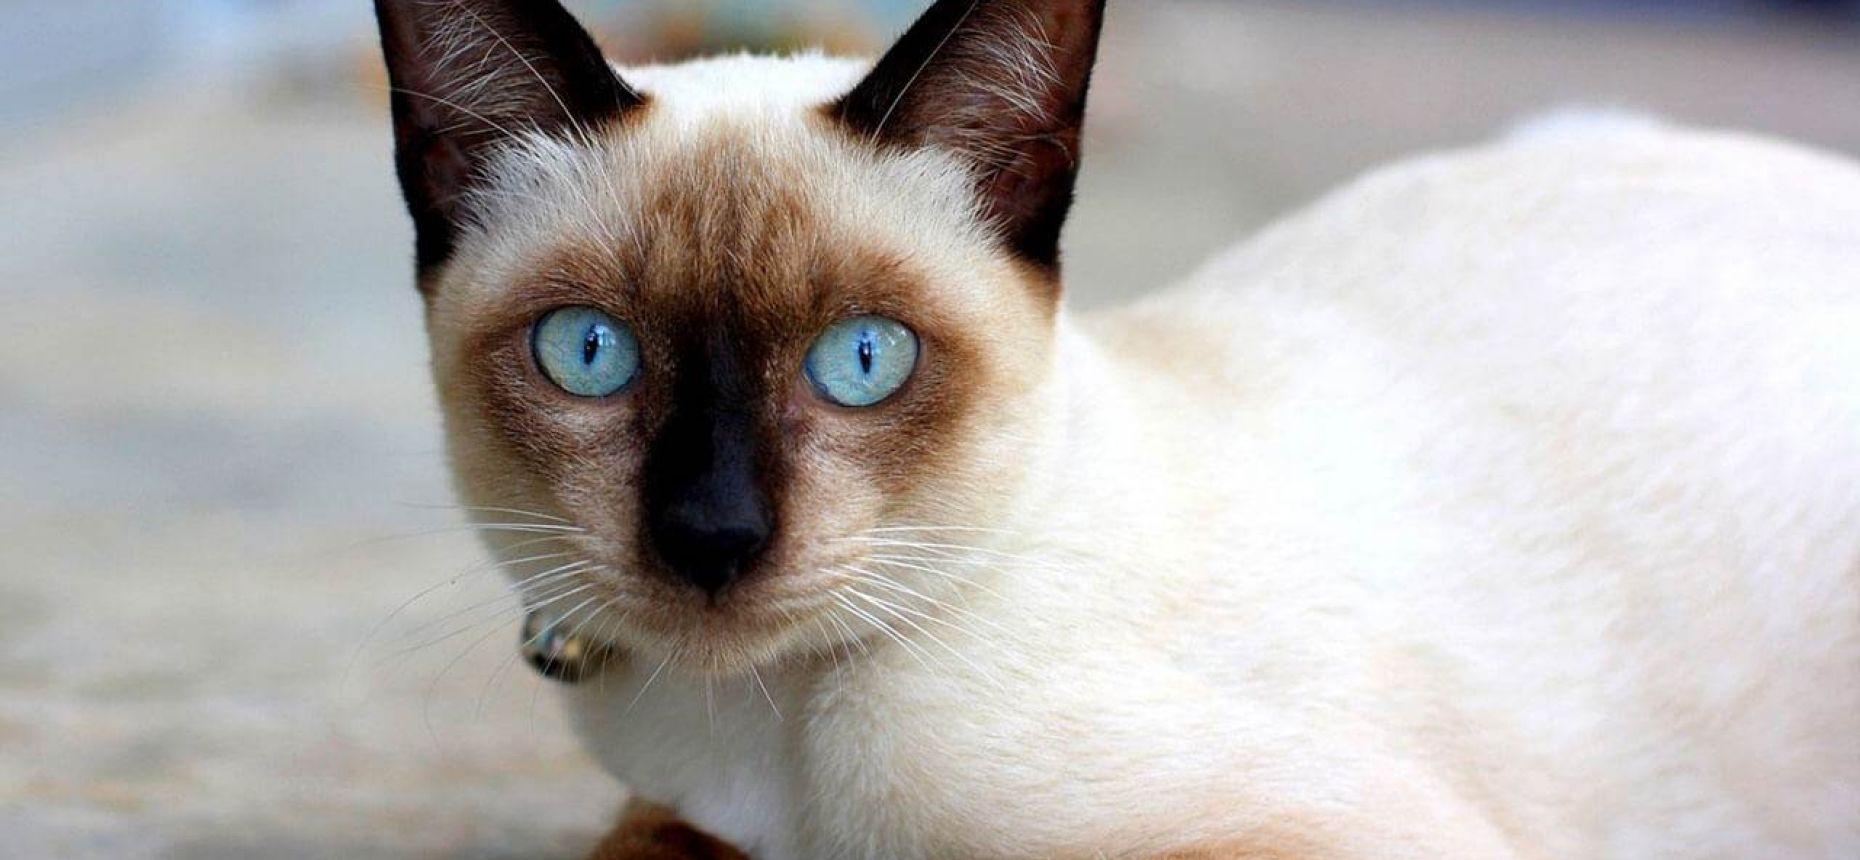 Окрас подпалин на шерсти сиамских кошек зависит от окружающей температуры: чем холоднее район, тем темнее пятна на шерсти. Именно поэтому сиамские котята рождаются белыми: тепла в утробе их мамы достаточно, чтобы шерсть не темнела.